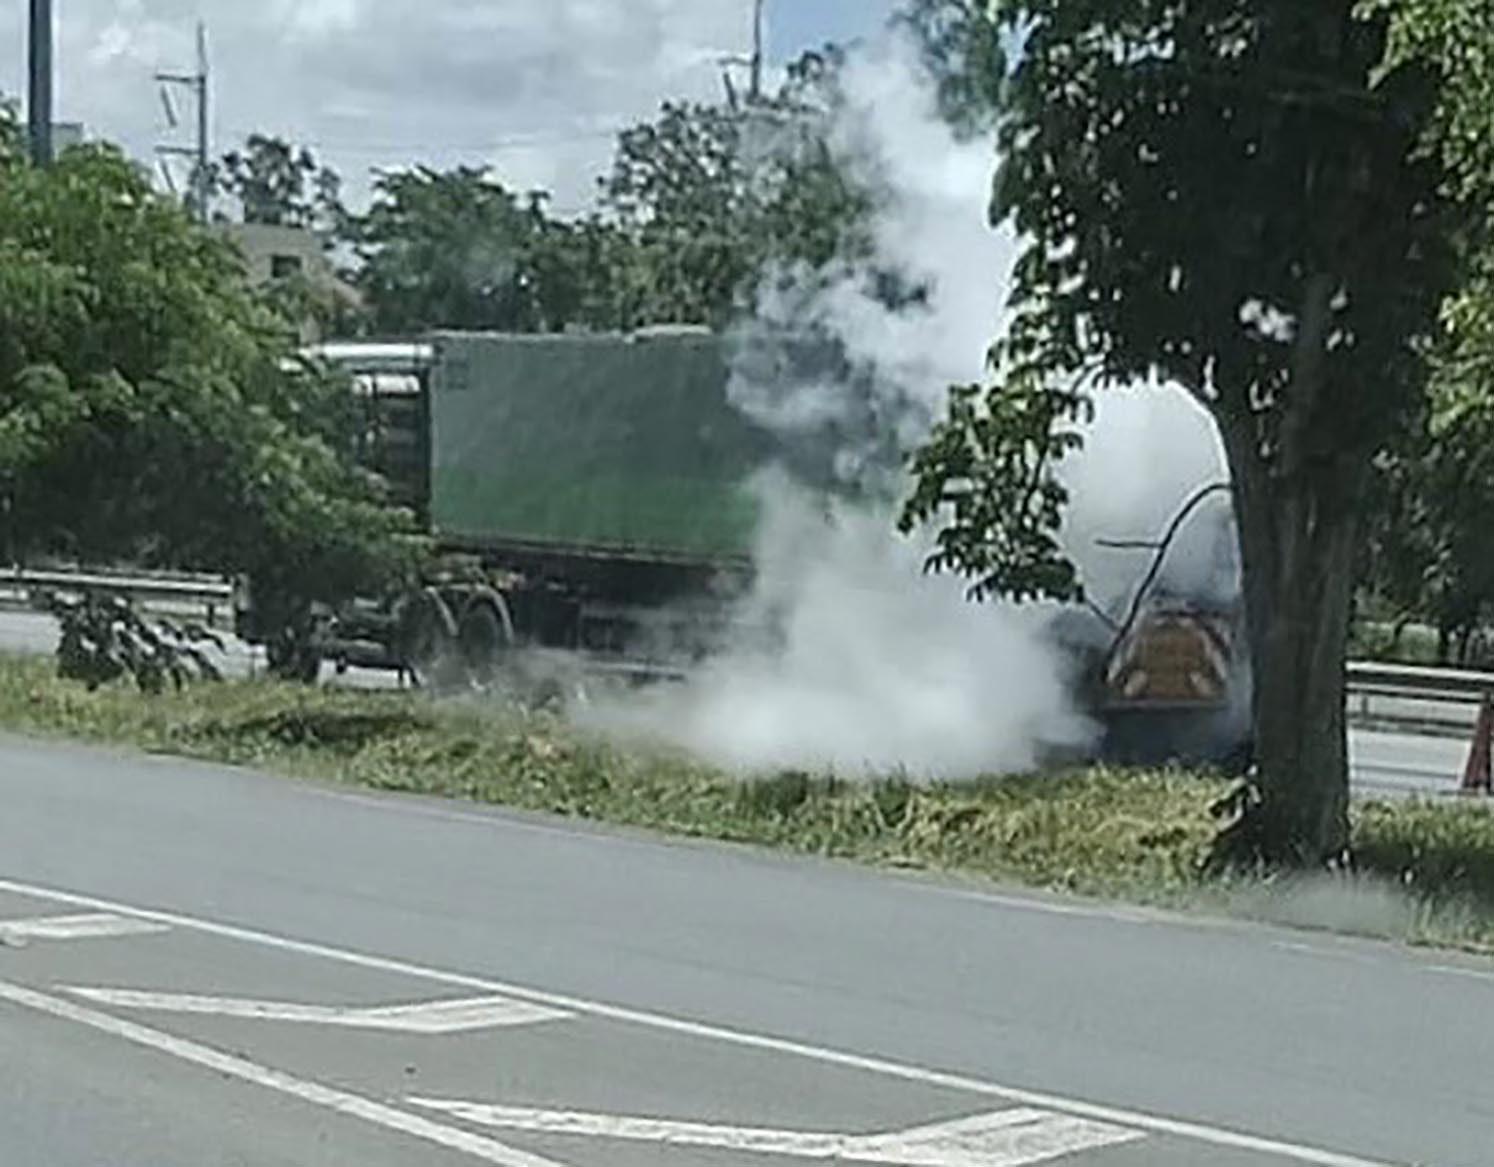 ปากช่องระทึกรถบรรทุกแก๊สรั้วปิดถนนมิตรภาพ